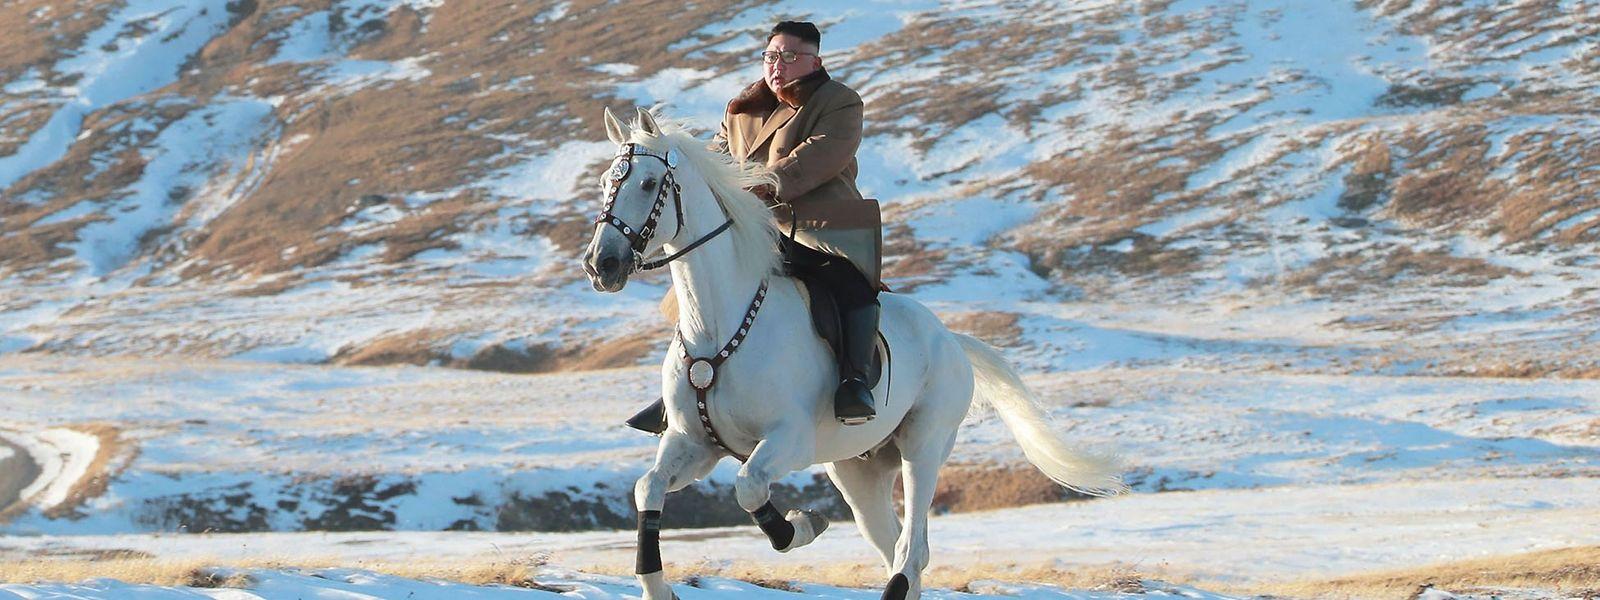 Kim Jong-un chevauchant fièrement un destrier blanc. Le dictateur nord-coréen utilise à plein la mythologie du mont Paekdu.